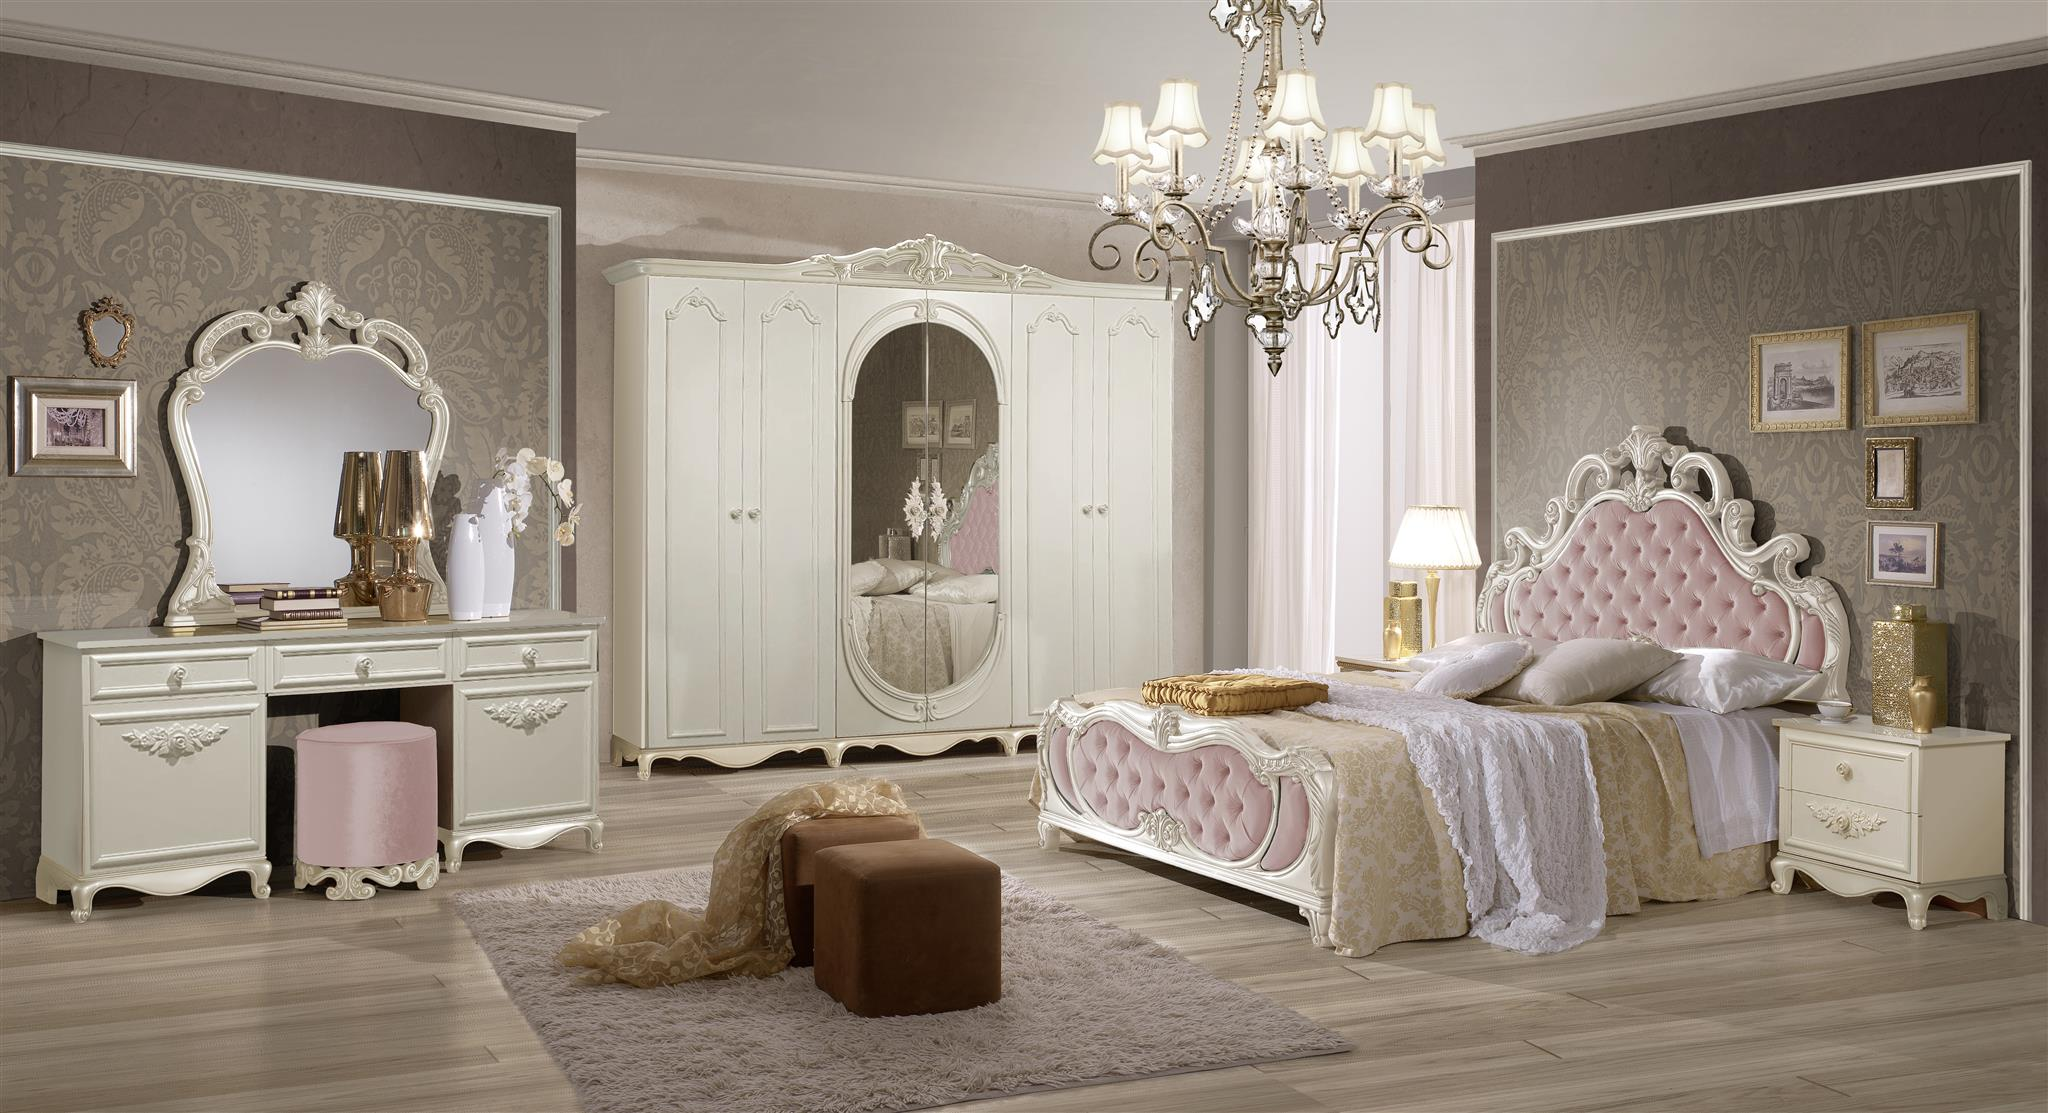 Schlafzimmer Set Atene In Creme Weiss Rosa 180x200 Cm Mit Schrank